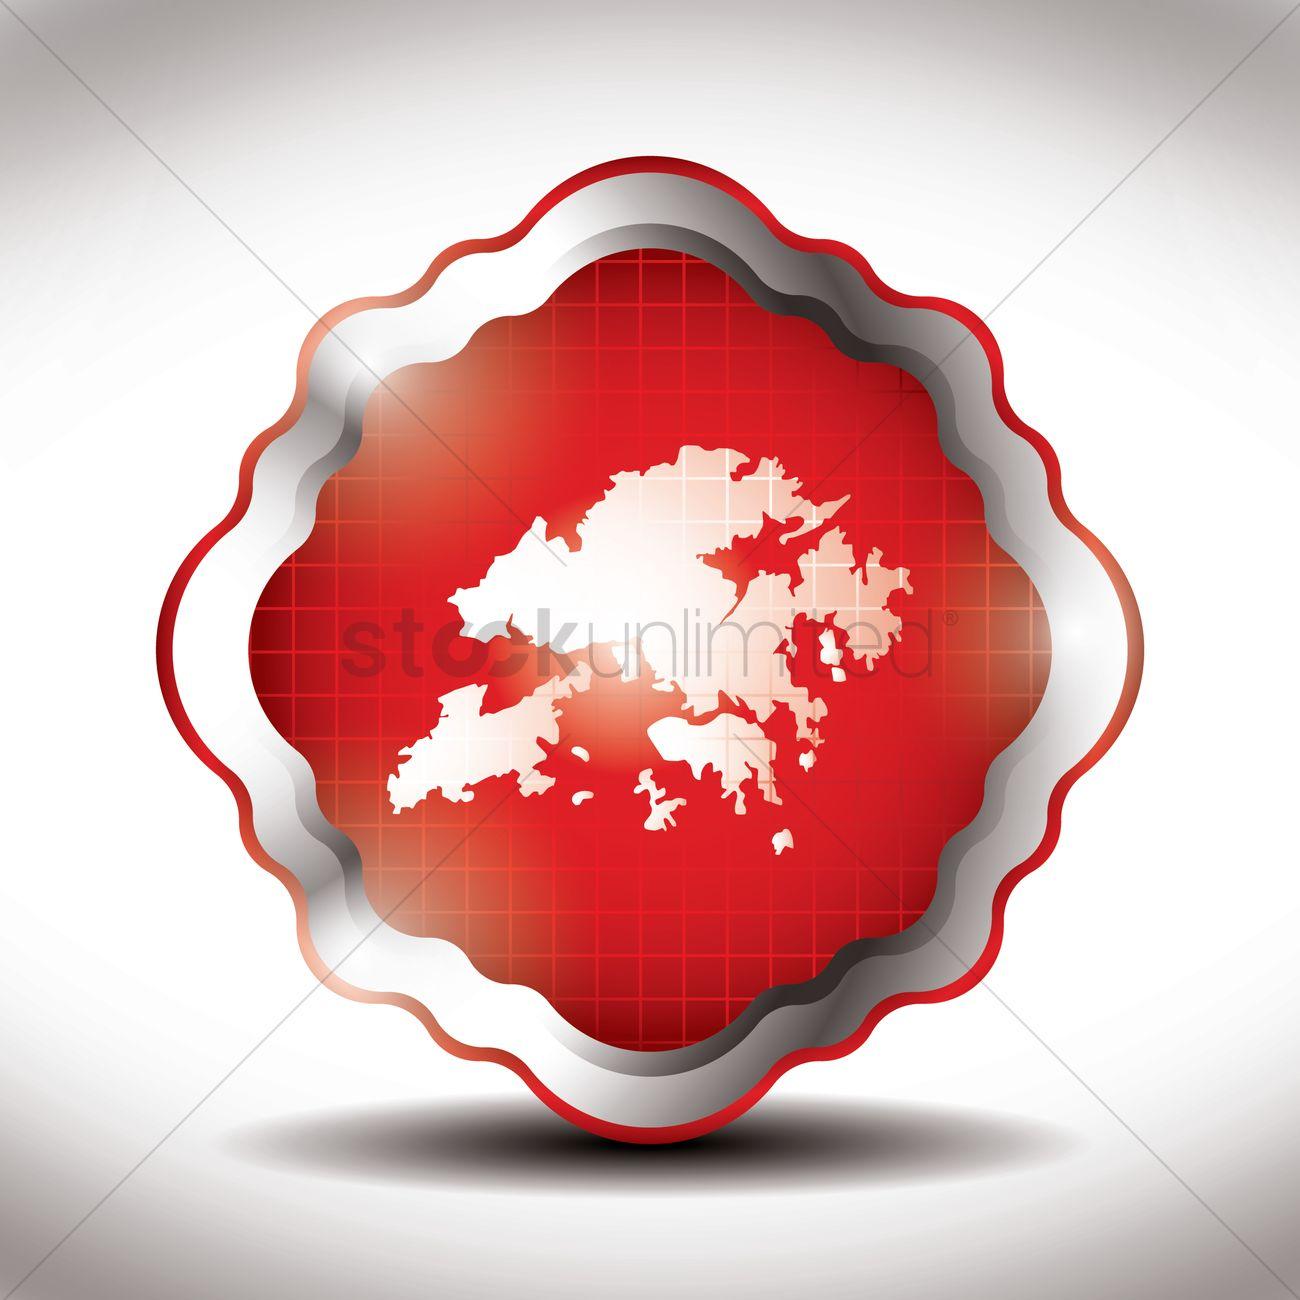 Hong kong map icon Vector Image - 1597106 | StockUnlimited